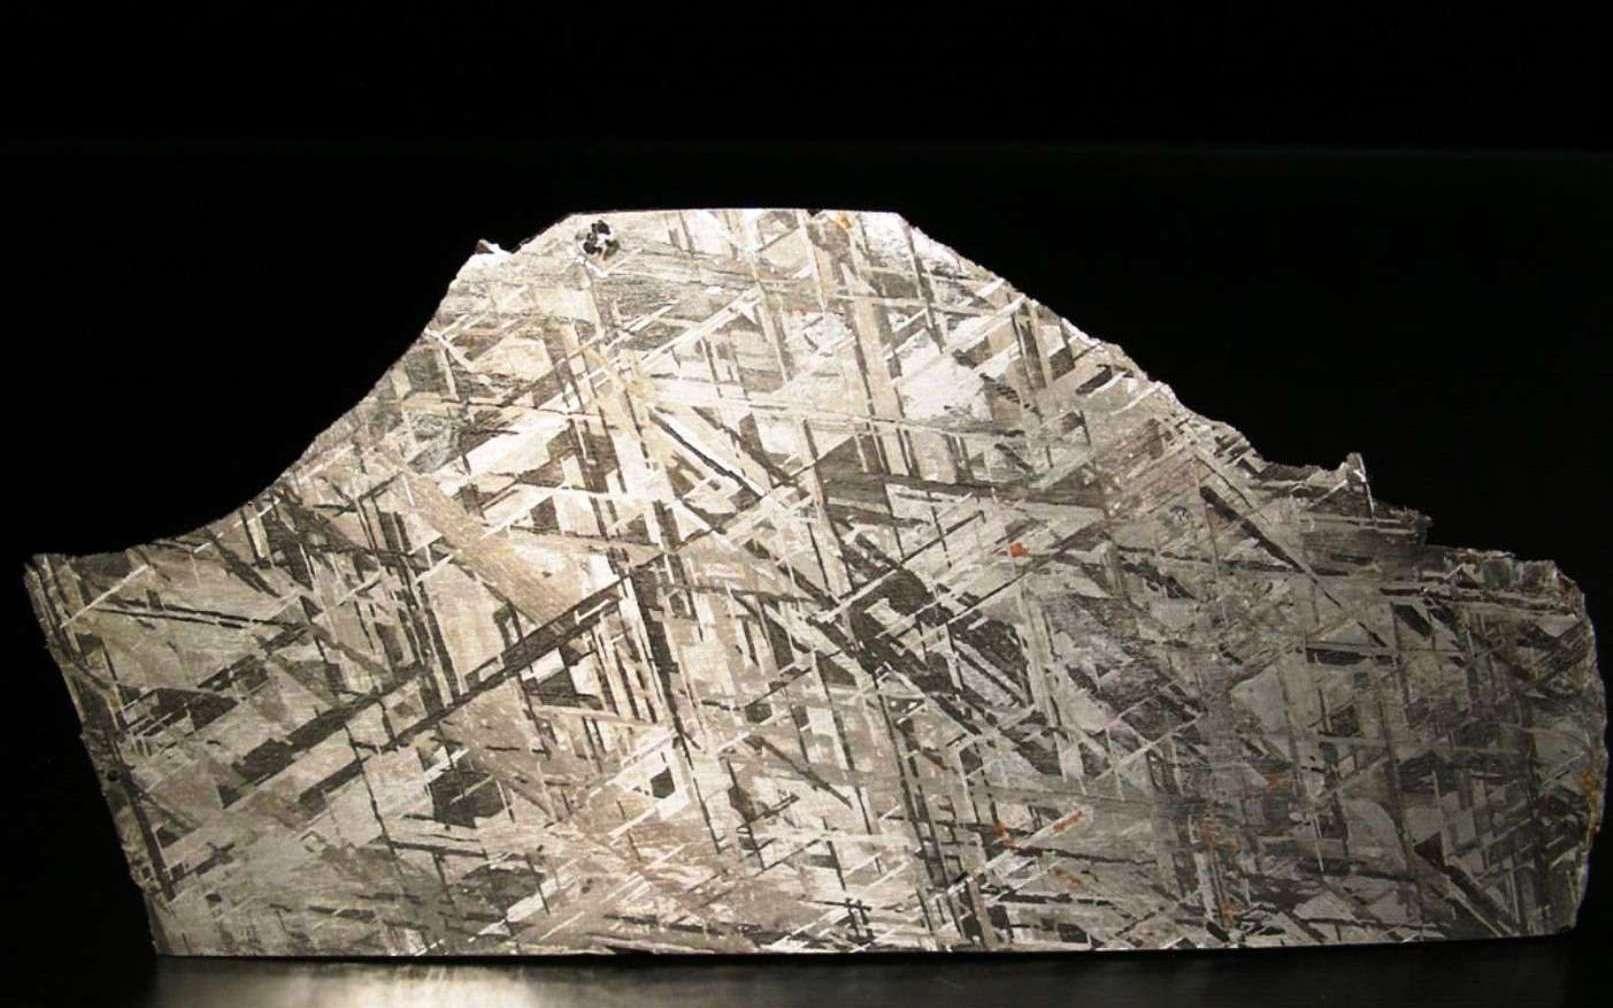 On voit sur cette image une coupe de la météorite Gibeon, une sidérite octaédrite classée IV A, trouvée en Namibie en 1836. La belle structure de ses figures de Widmanstätten et son excellent état de conservation en font la météorite la plus utilisée en bijouterie. Elle est surtout très précieuse pour les géologues car elle donne des indices sur l'aspect du noyau en fer et en nickel de la Terre. Ces météorites pourraient être des vestiges des noyaux de petites planètes. © L. Carion, carionmineraux.com